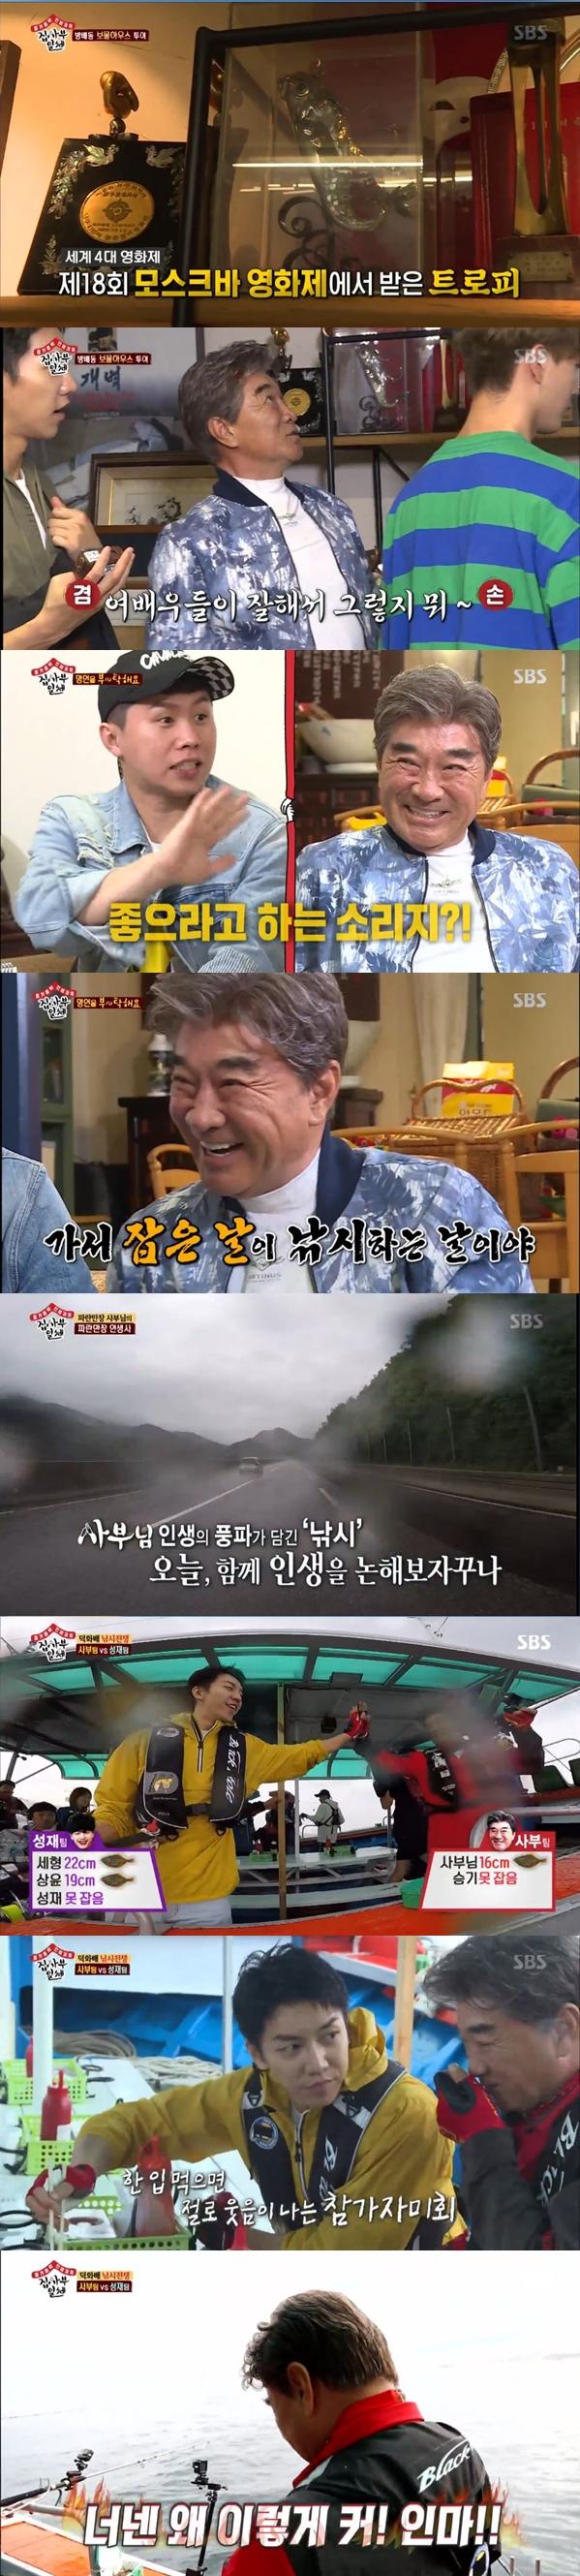 """이덕화, 파란만장한 인생사 공개 """"낚시와 아내는 ..."""""""